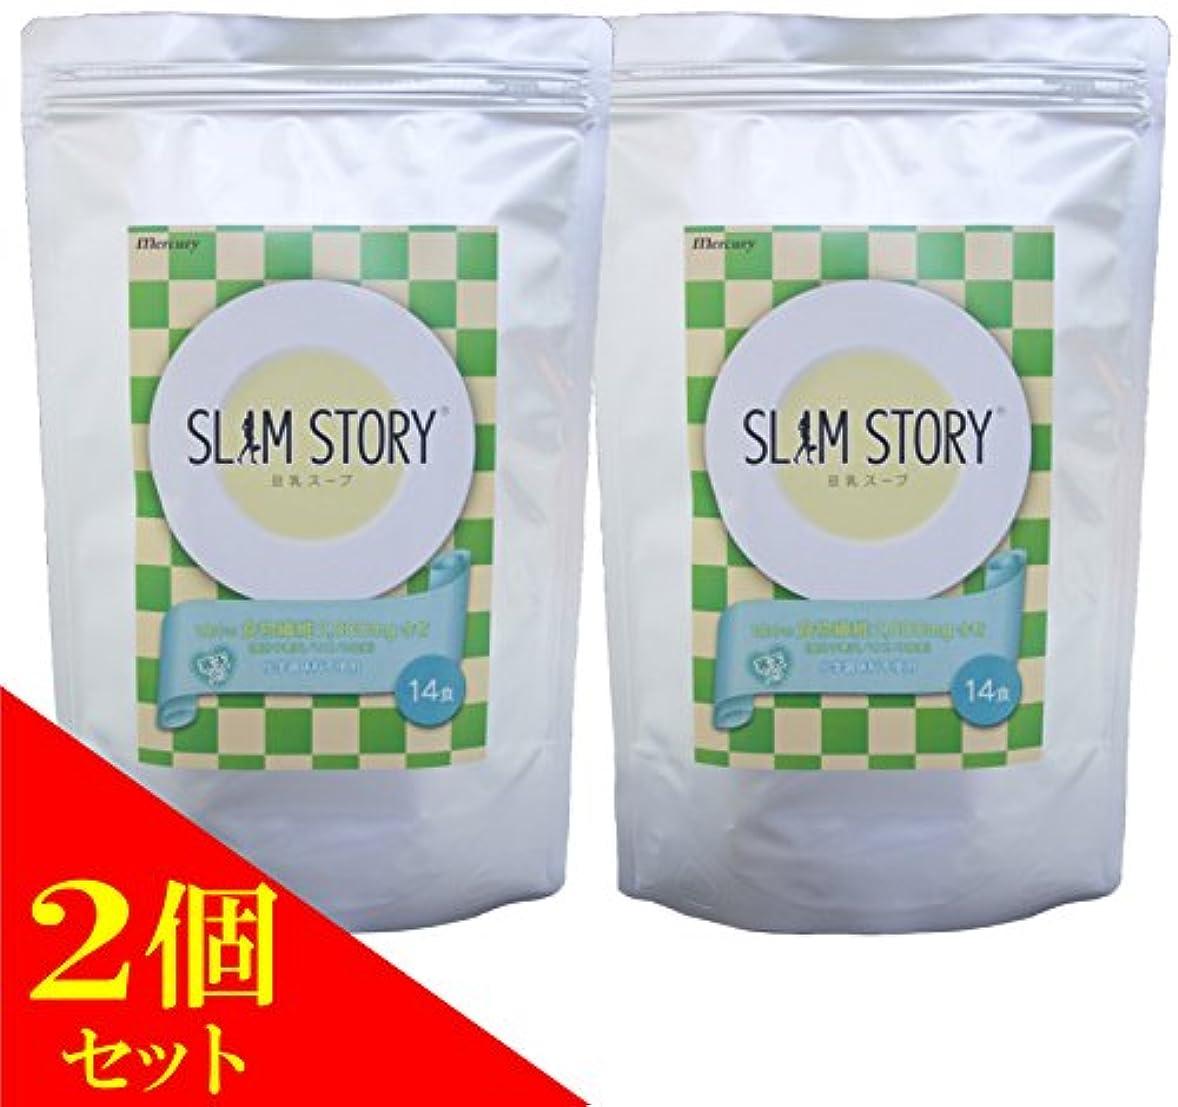 柔和塩辛いエチケット(2個)マーキュリー SLIM STORY 豆乳スープ 14食×2個セット/化学調味料 不使用(4947041155176)